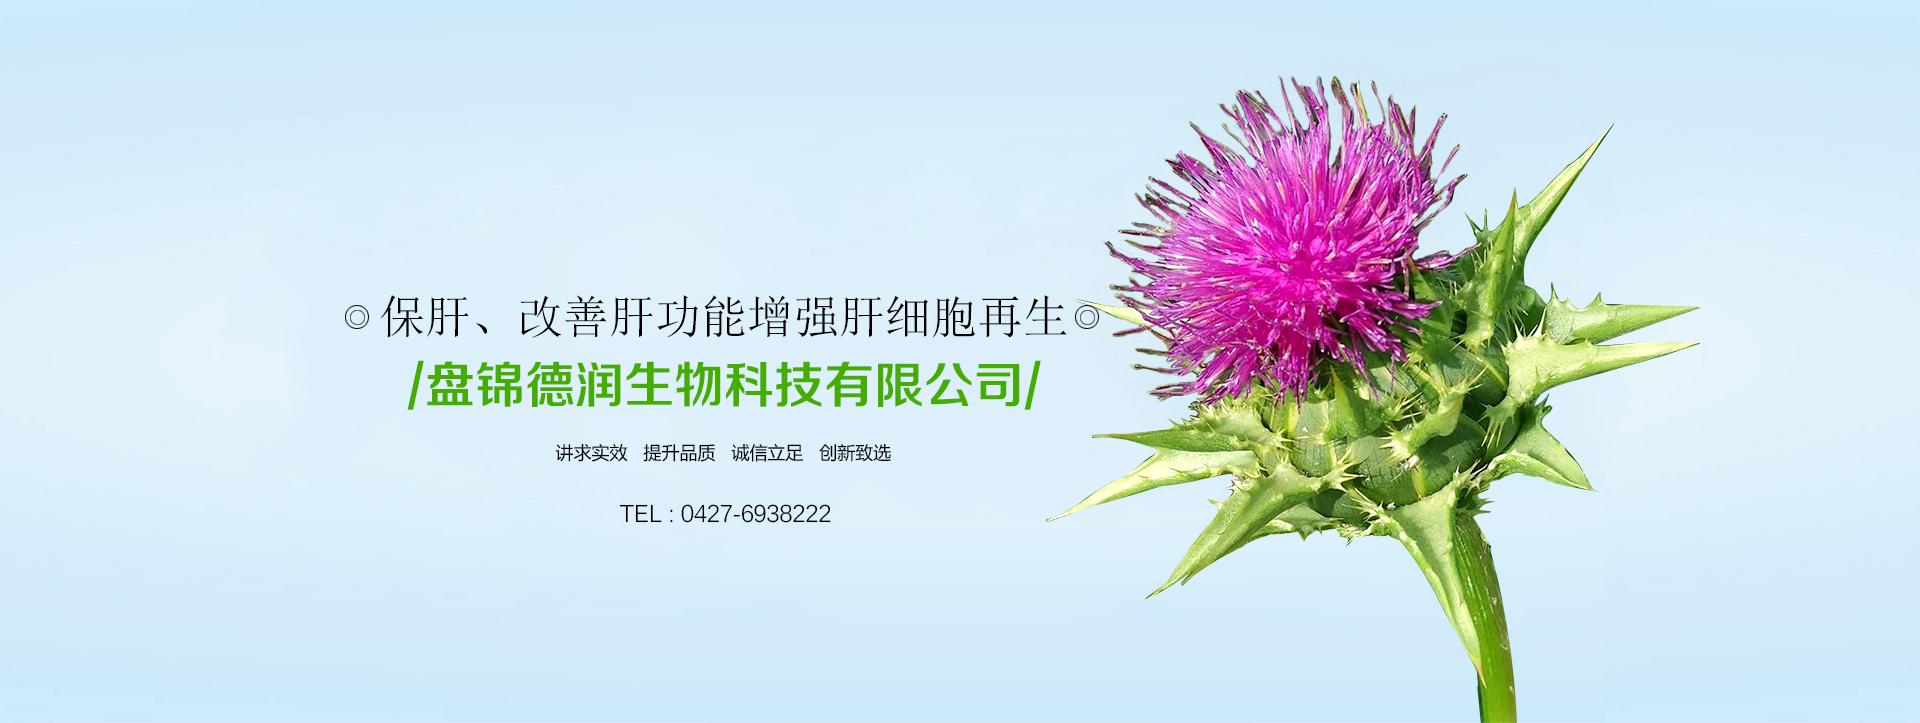 盤錦德潤生物科技有限公司